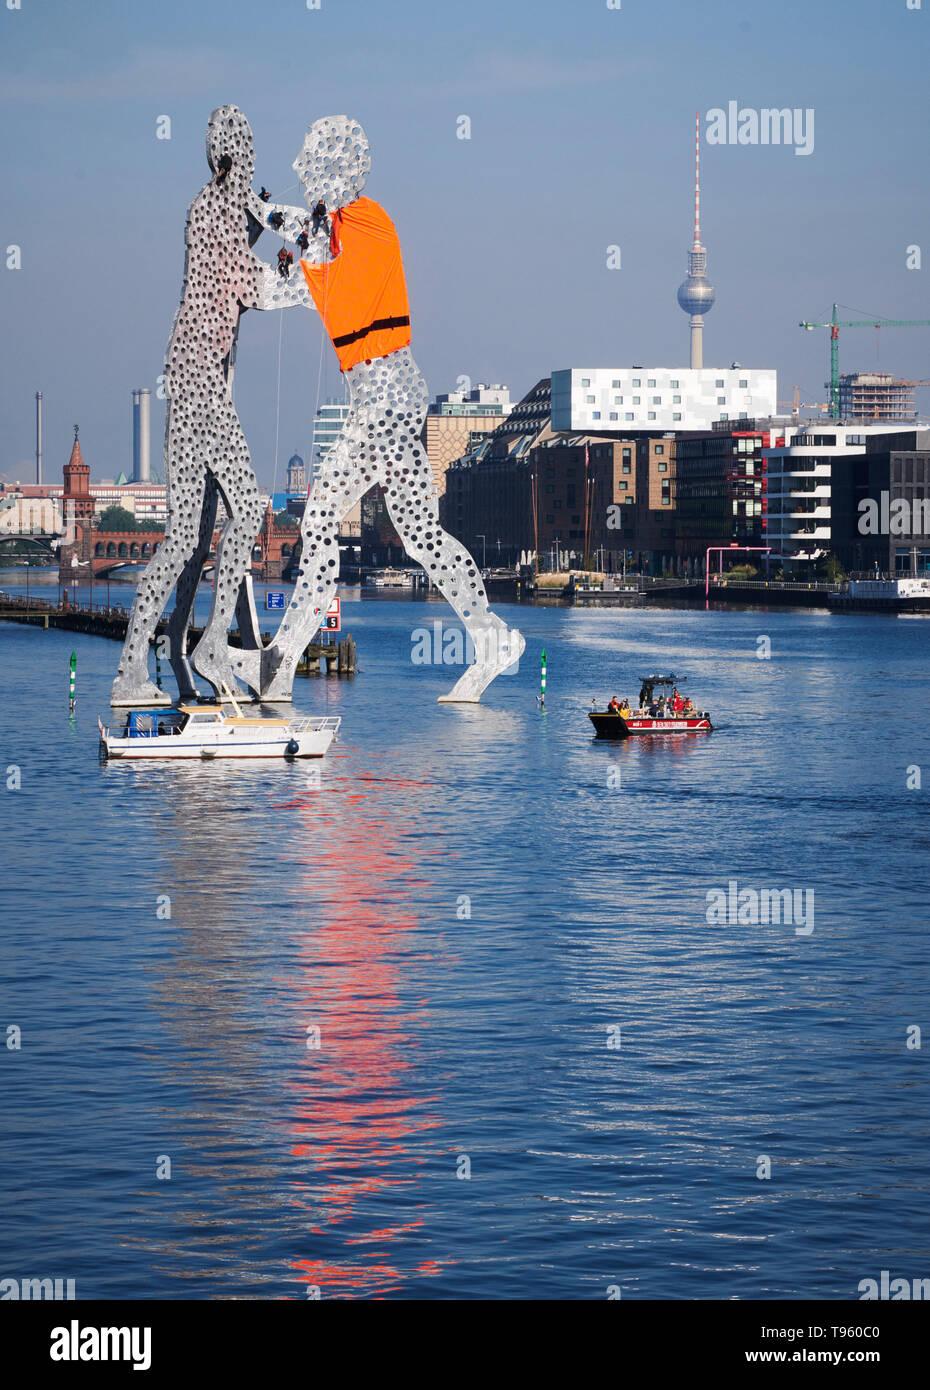 Berlin, Deutschland. 17 Mai, 2019. Aktivisten hängen von der Gestaltungsarbeit Molecule Man von uns Bildhauer Jonathan Borofsky in der Spree und haben eine der Abbildungen auf einer übergroßen Schwimmweste. Sie protestierten gegen die europäische Flüchtlingspolitik. Quelle: Annette Riedl/dpa-Zentralbild/dpa/Alamy leben Nachrichten Stockfoto